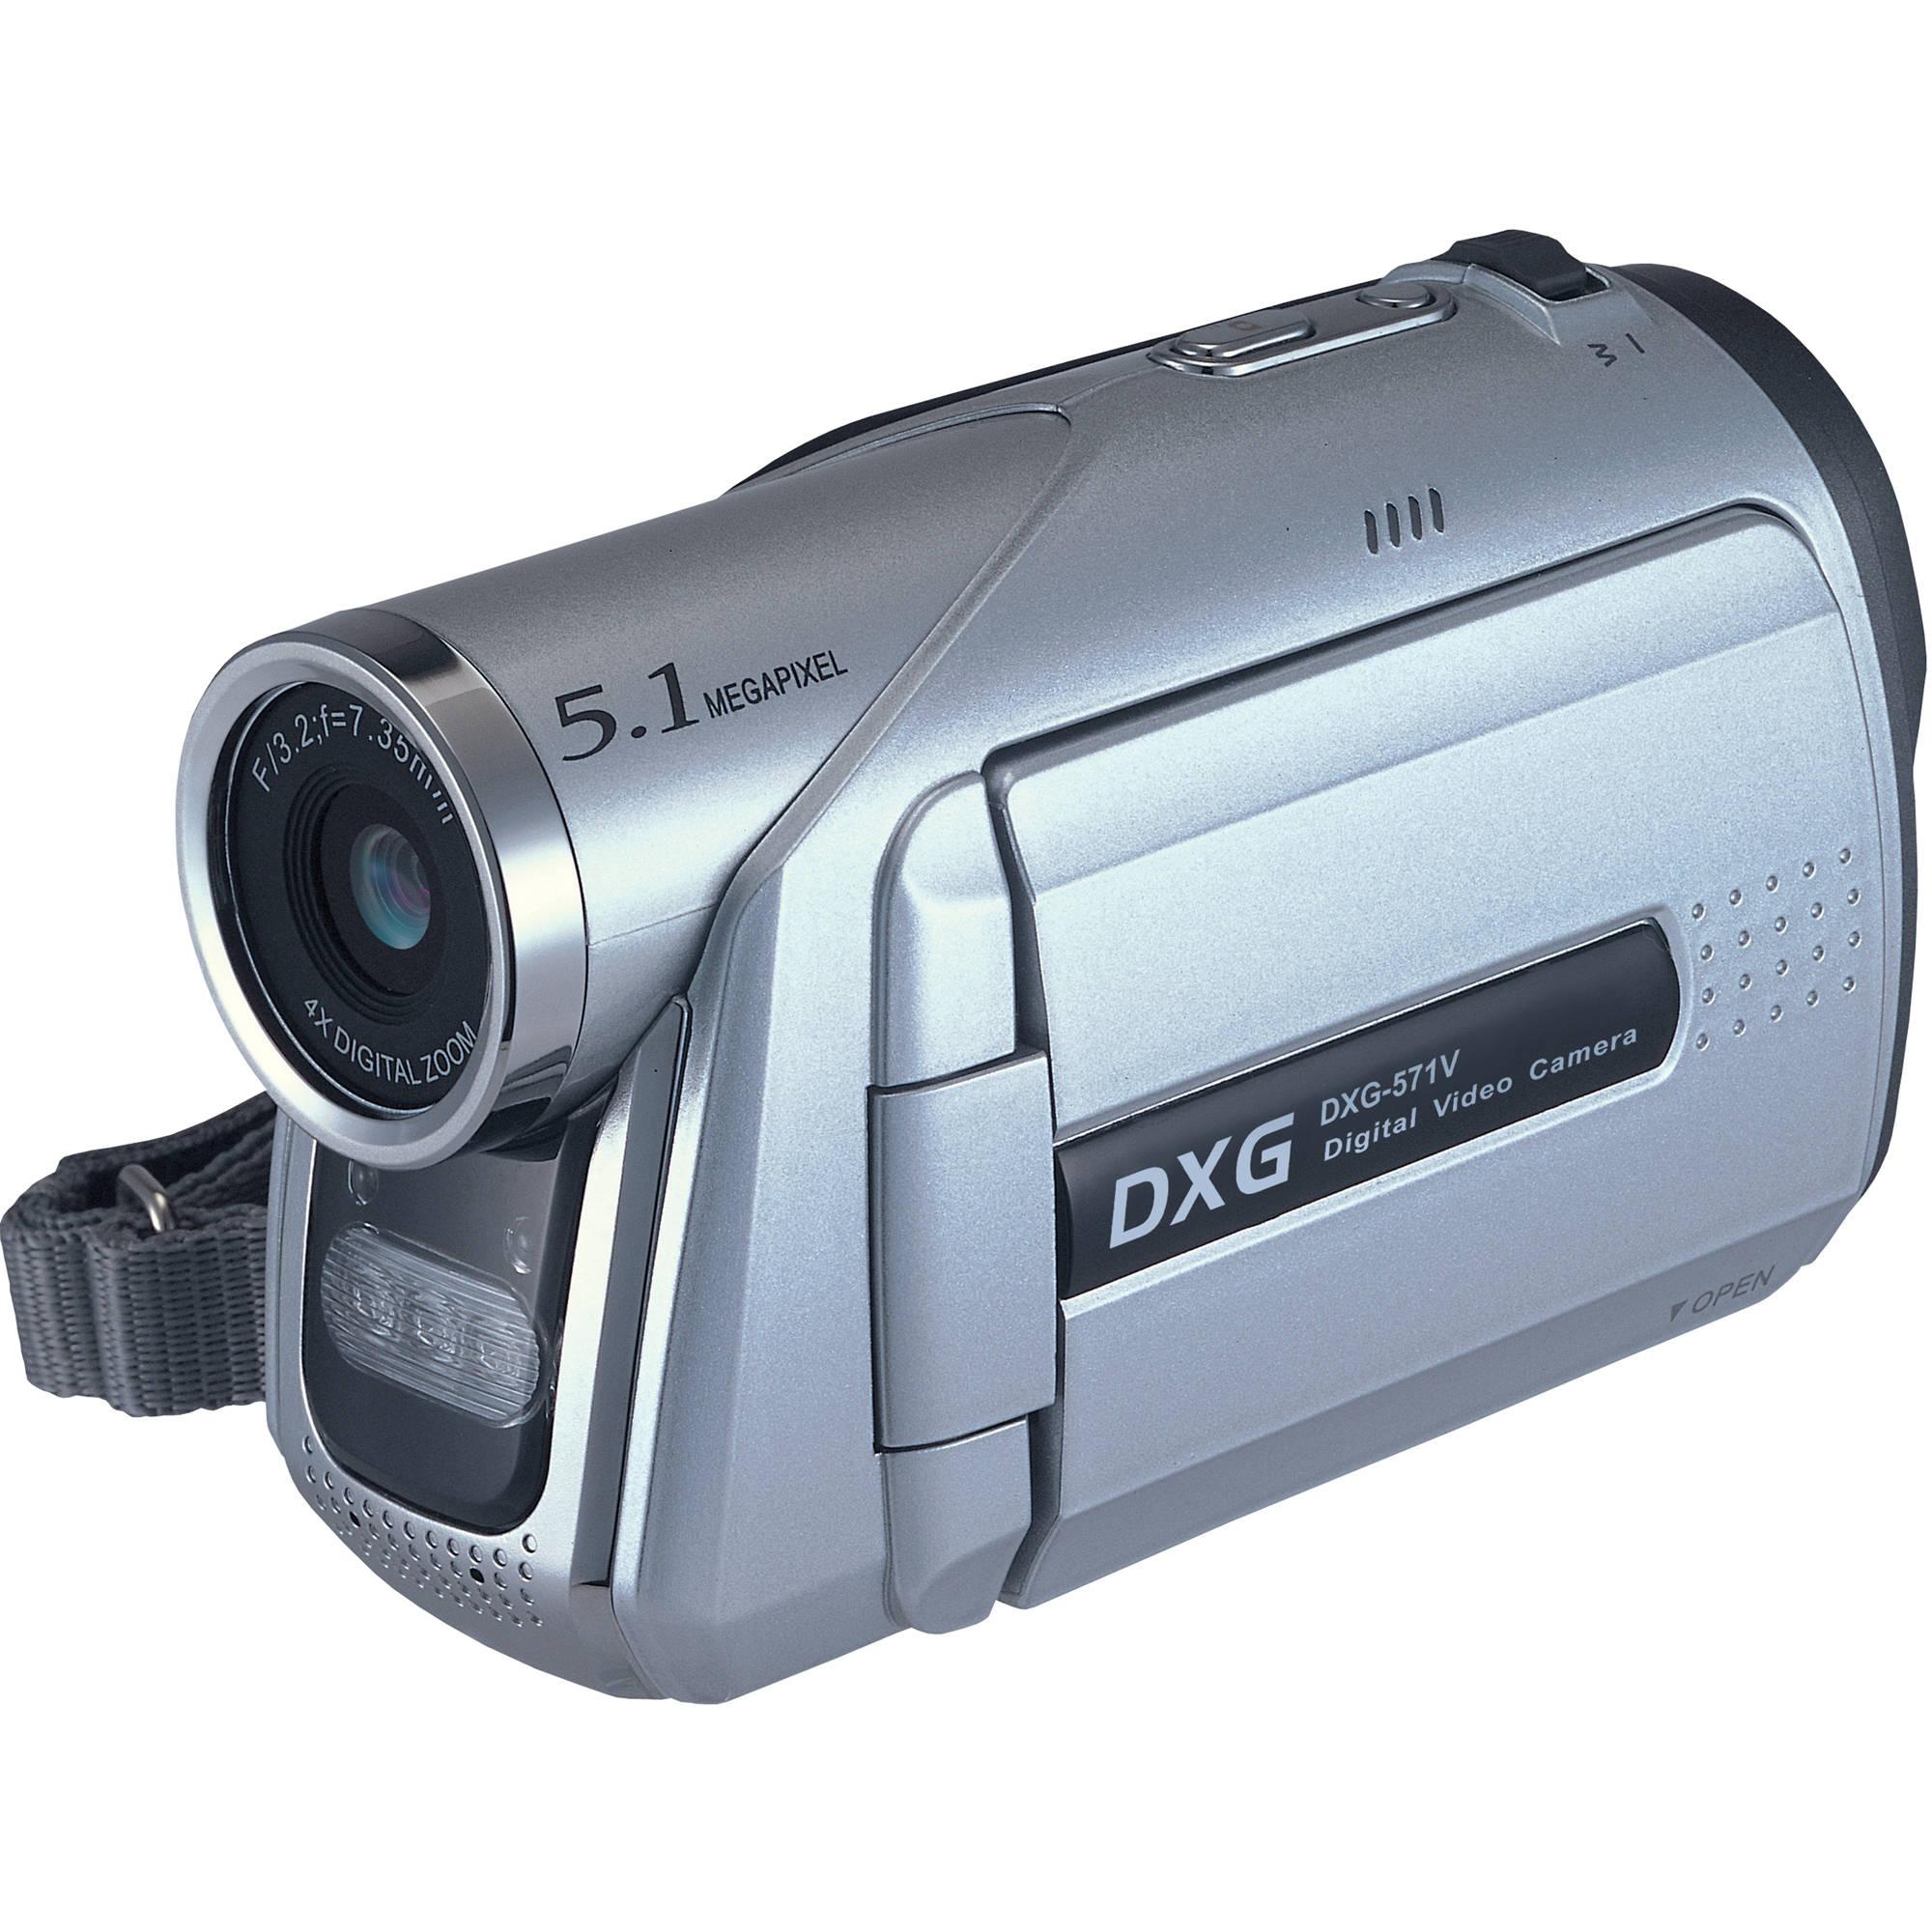 dxg dxg 571v camcorder dxg 571v b h photo video rh bhphotovideo com dxg 3.0 megapixel digital video camera manual Insignia Camera Manual